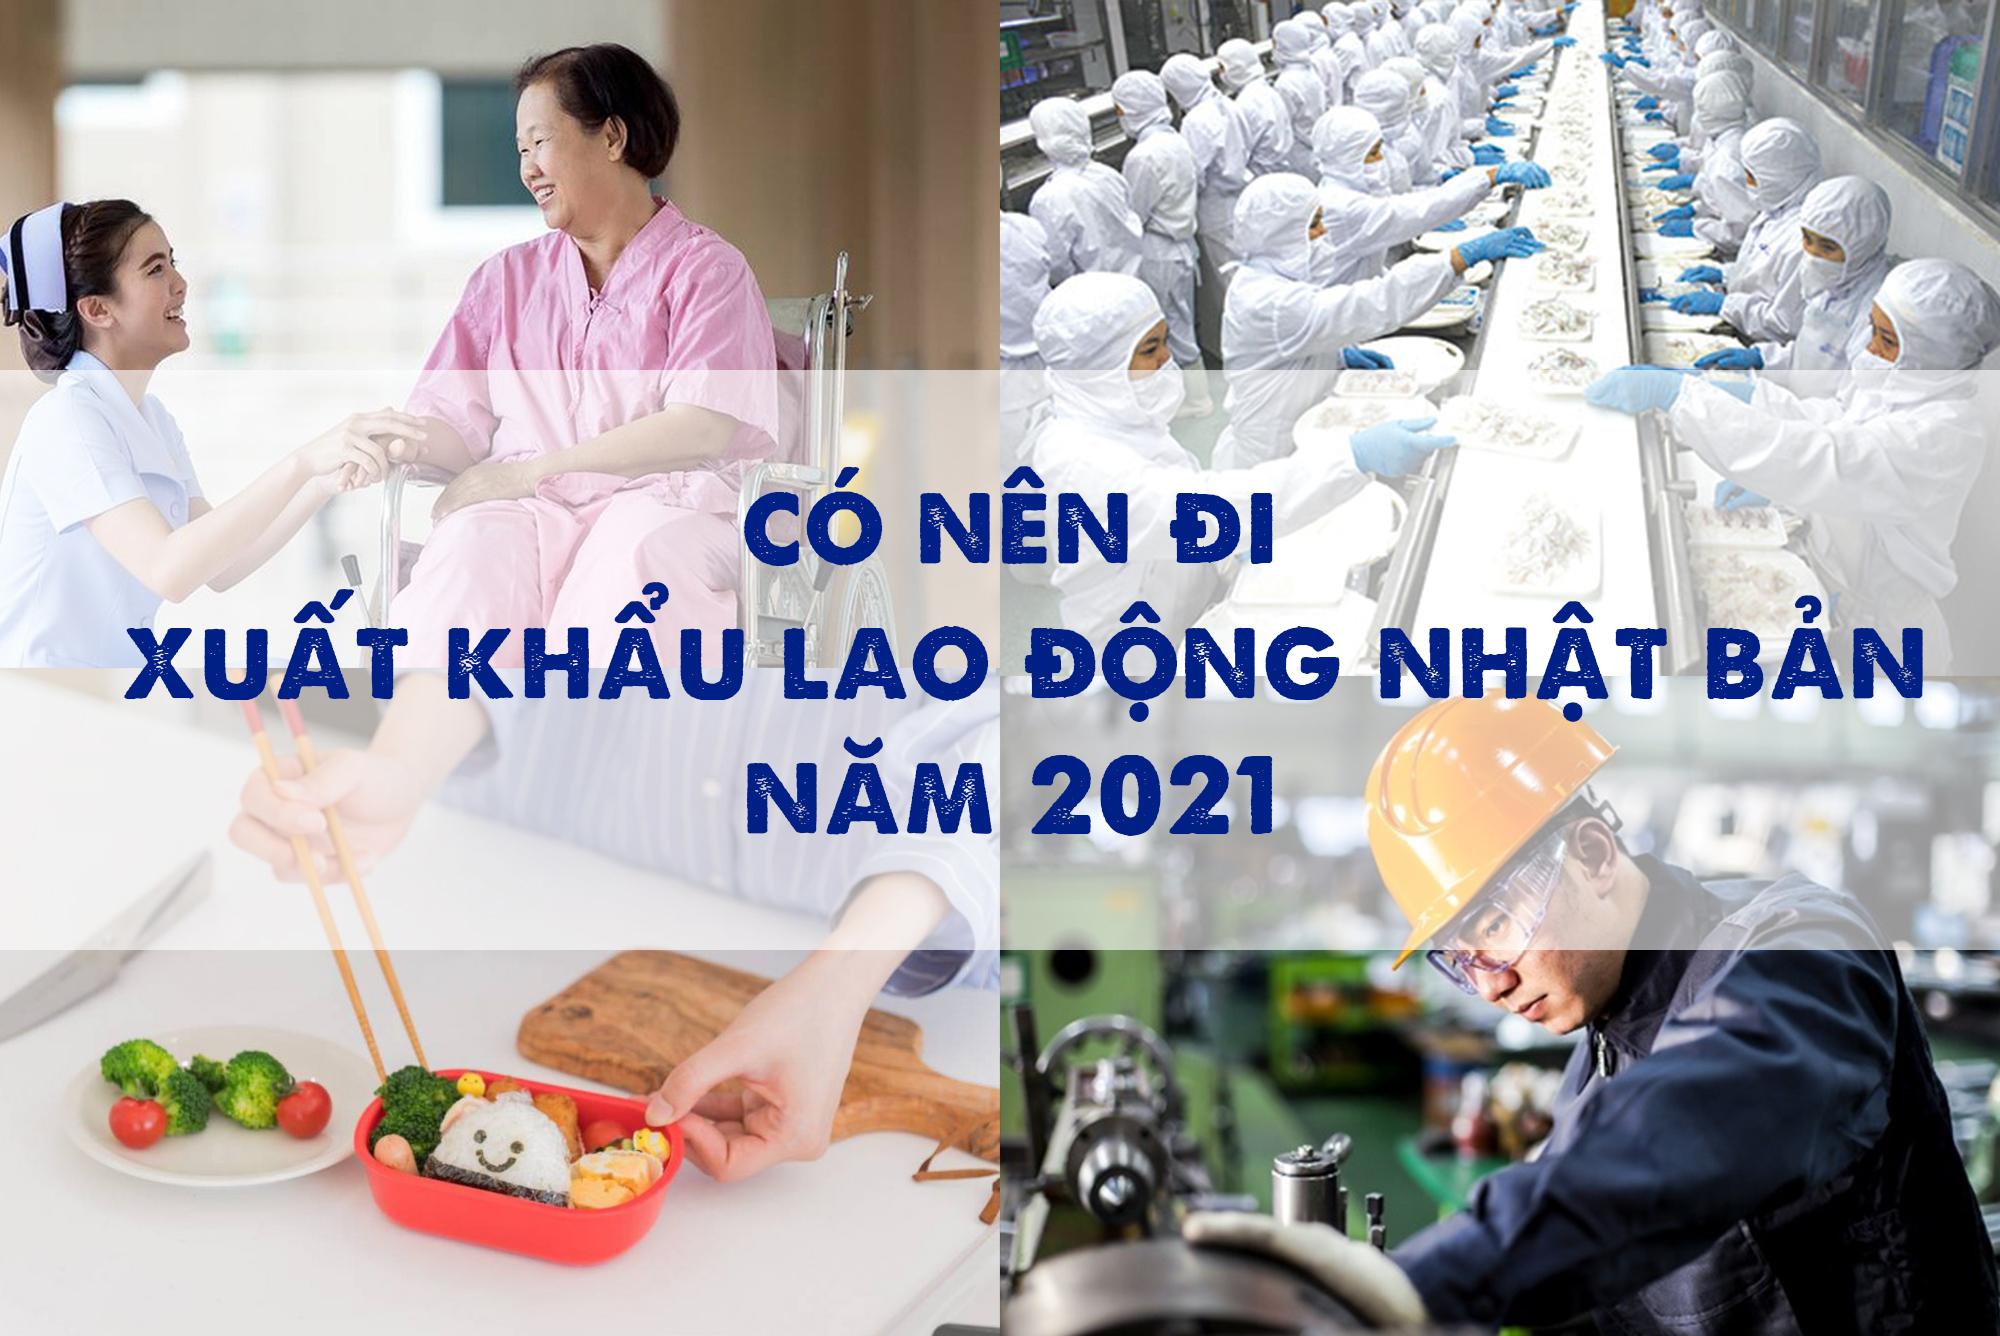 CÓ NÊN ĐI XUẤT KHẨU LAO ĐỘNG NHẬT BẢN NĂM 2021